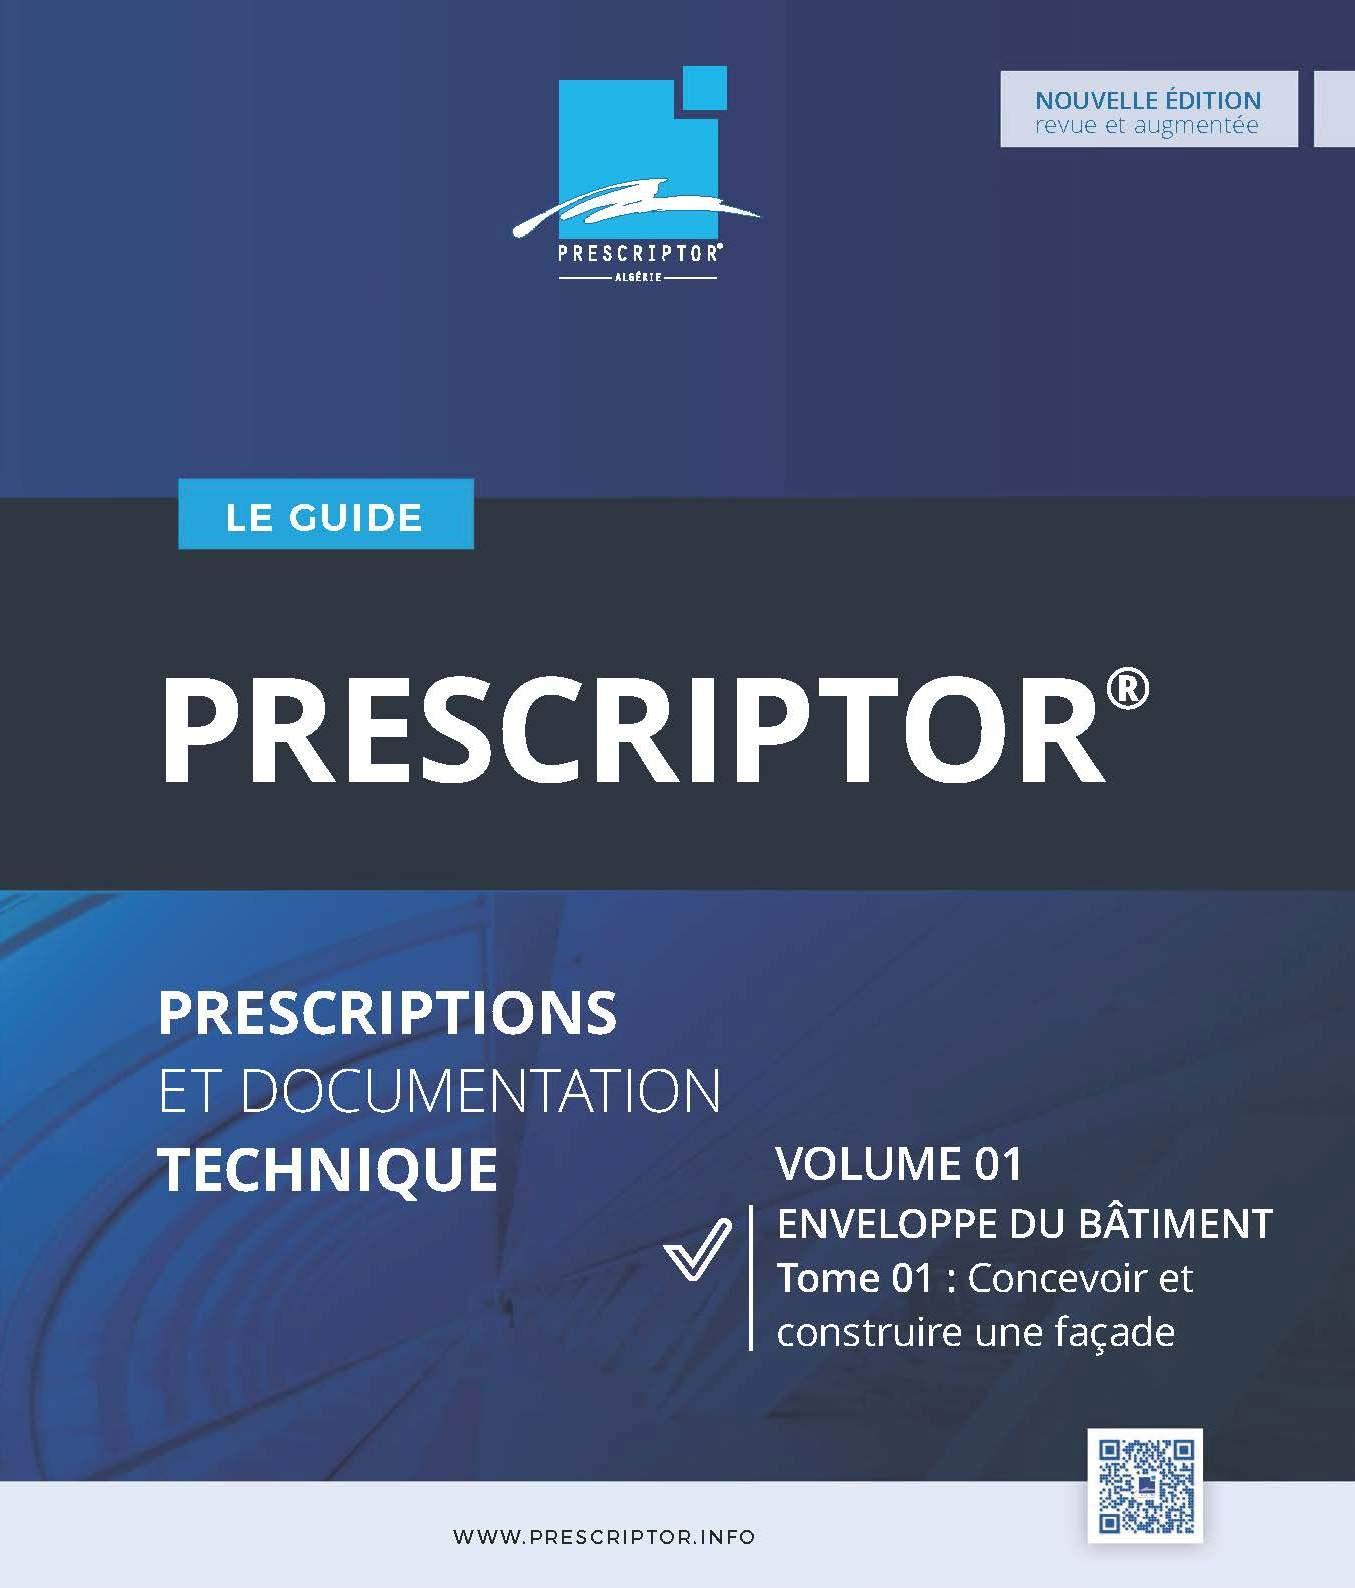 http://prescriptor.info/site/119/commandez-le-guide-prescriptor